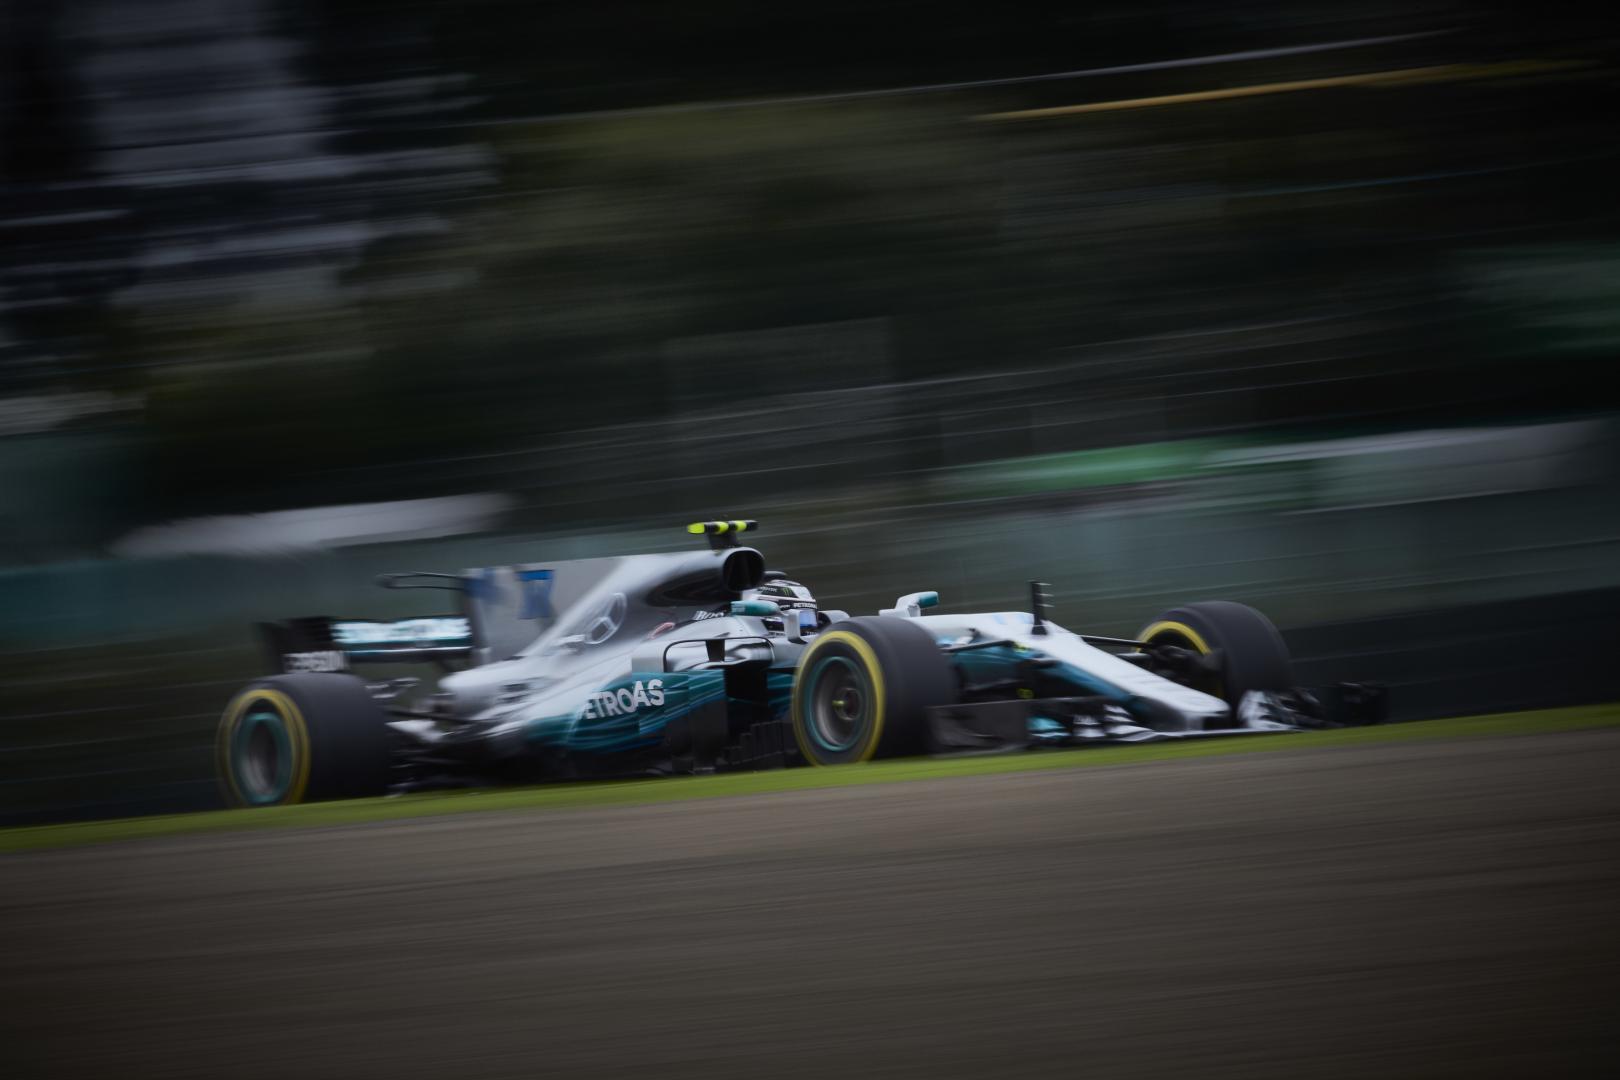 3e vrije training van de GP van Japan 2017